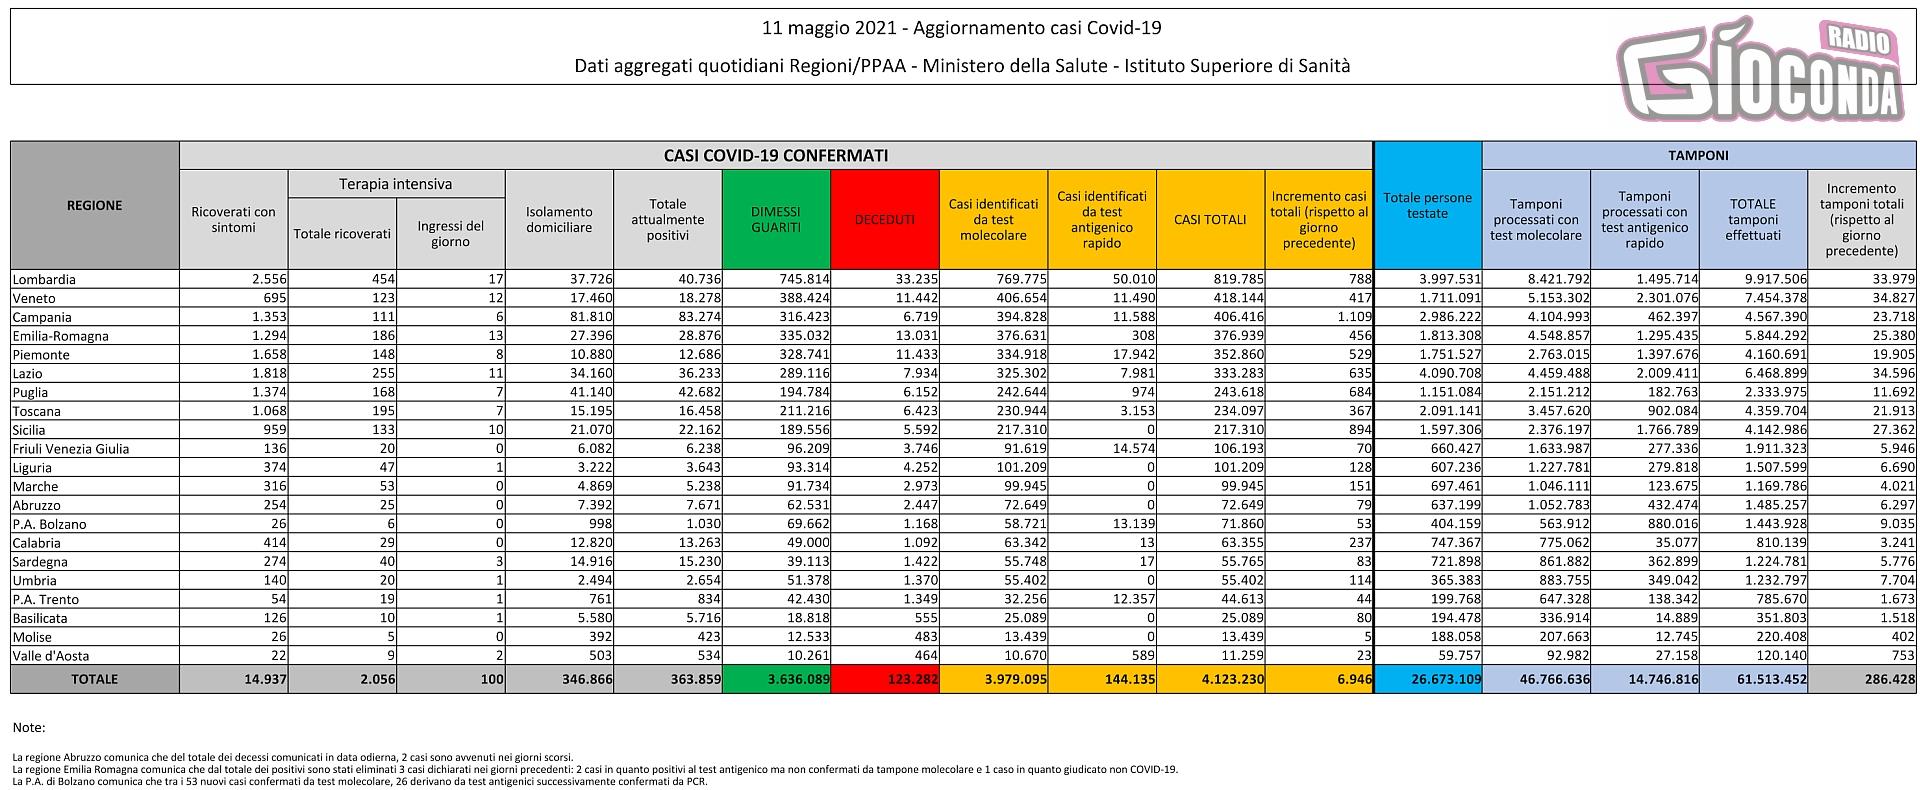 11 maggio 2021 - Aggiornamento casi Covid-19 Dati aggregati quotidiani Regioni/PPAA - Ministero della Salute - Istituto Superiore di Sanità